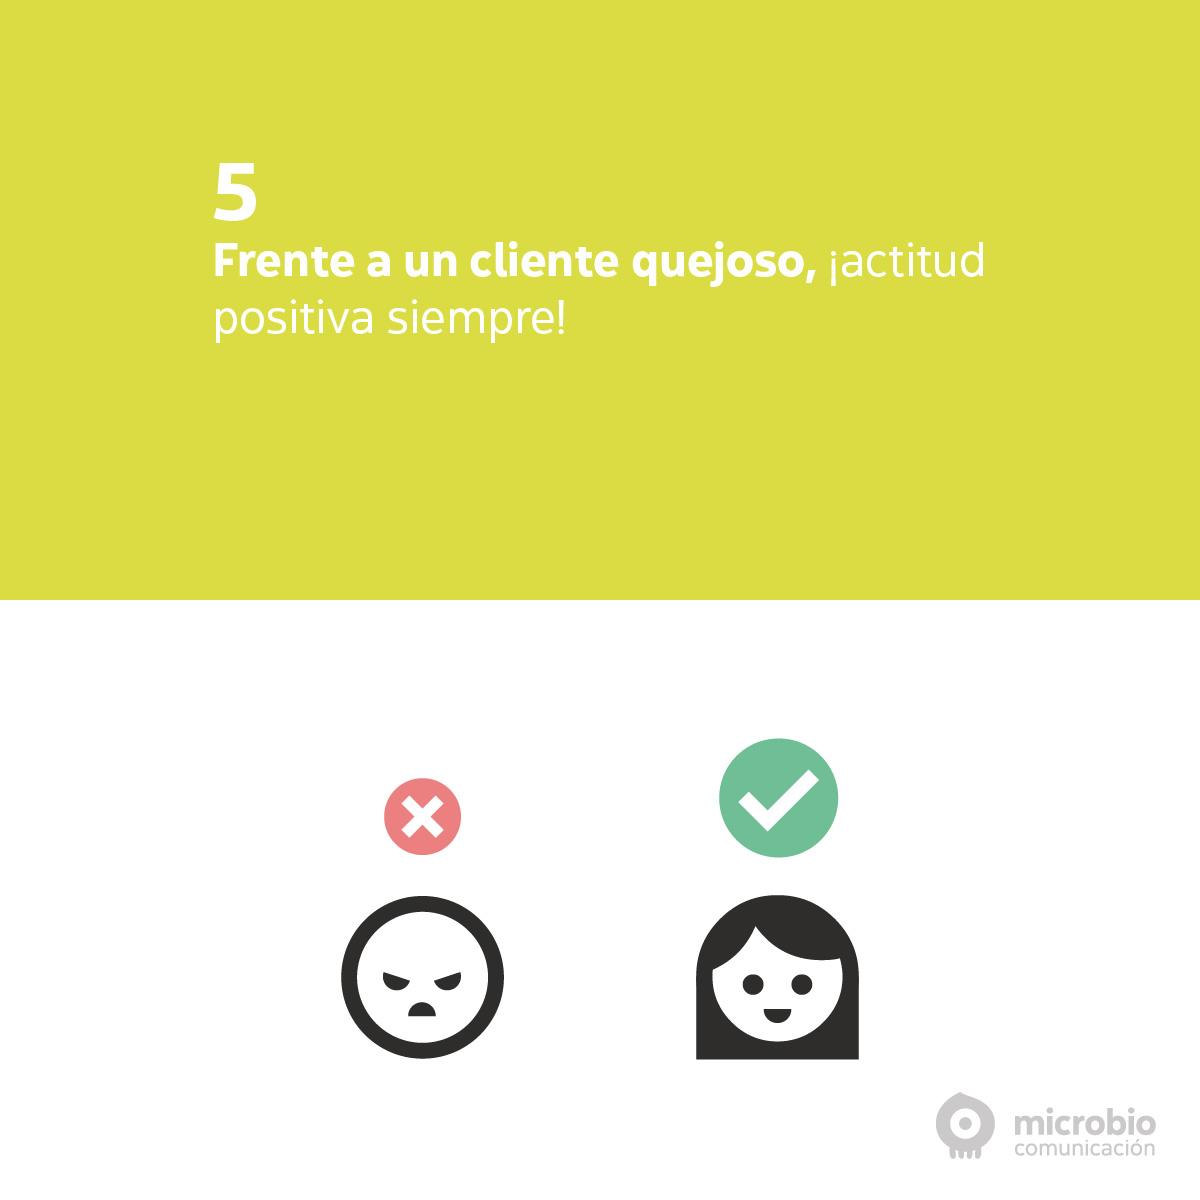 Quejas en redes sociales: actitud positiva